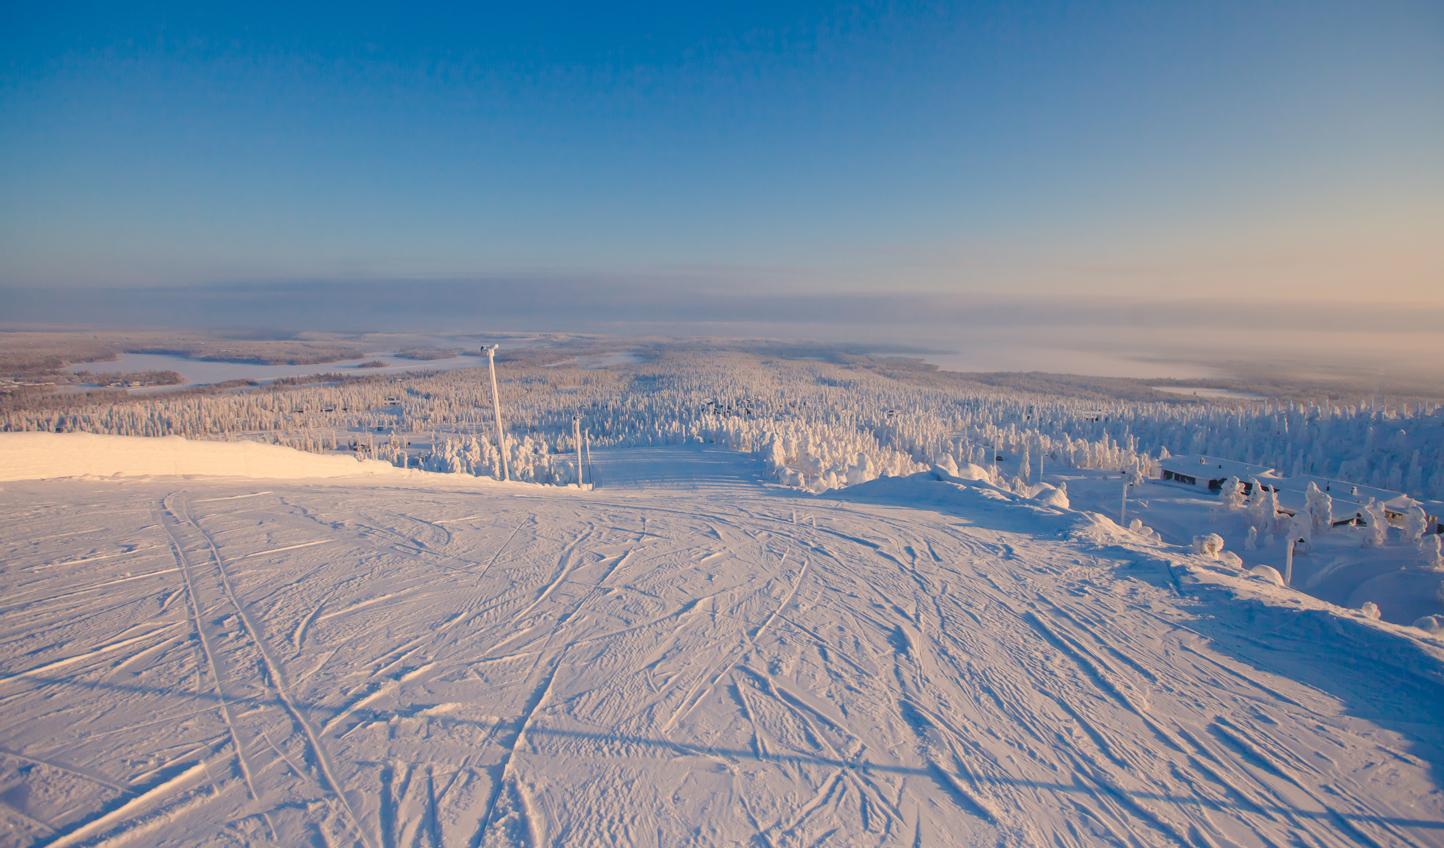 Expansive snowy landscapes await you